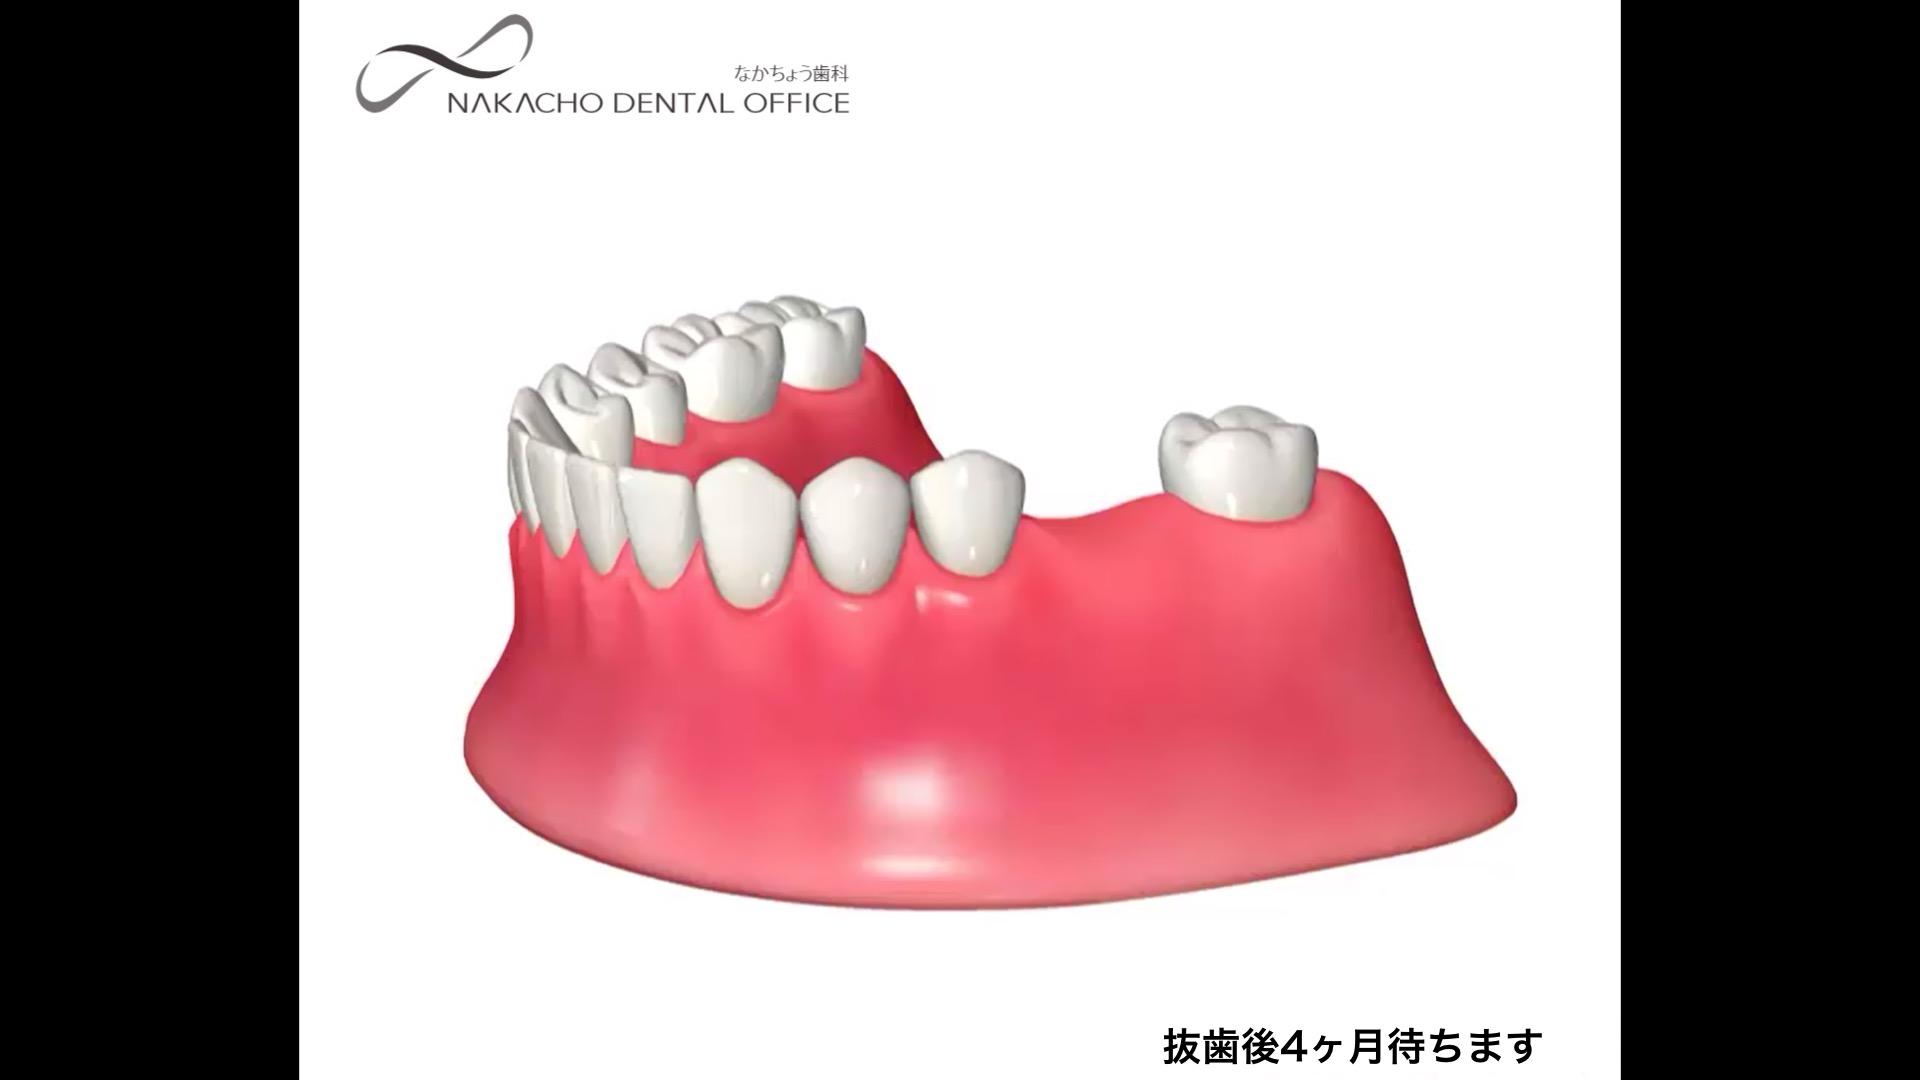 抜歯 インプラント 待機期間